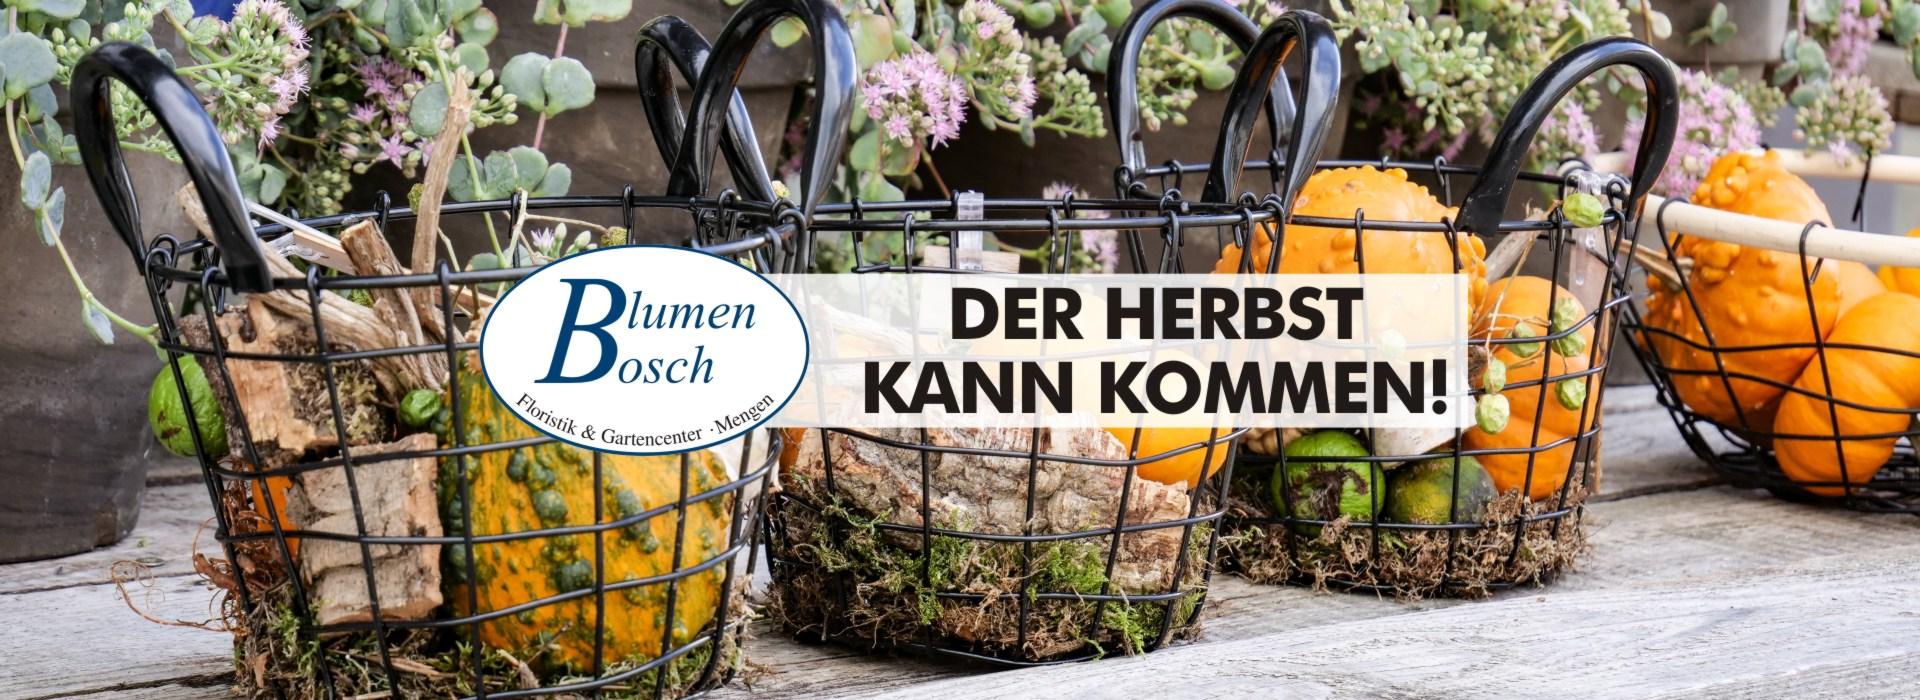 Blumen-Bosch-16-09-20-slider